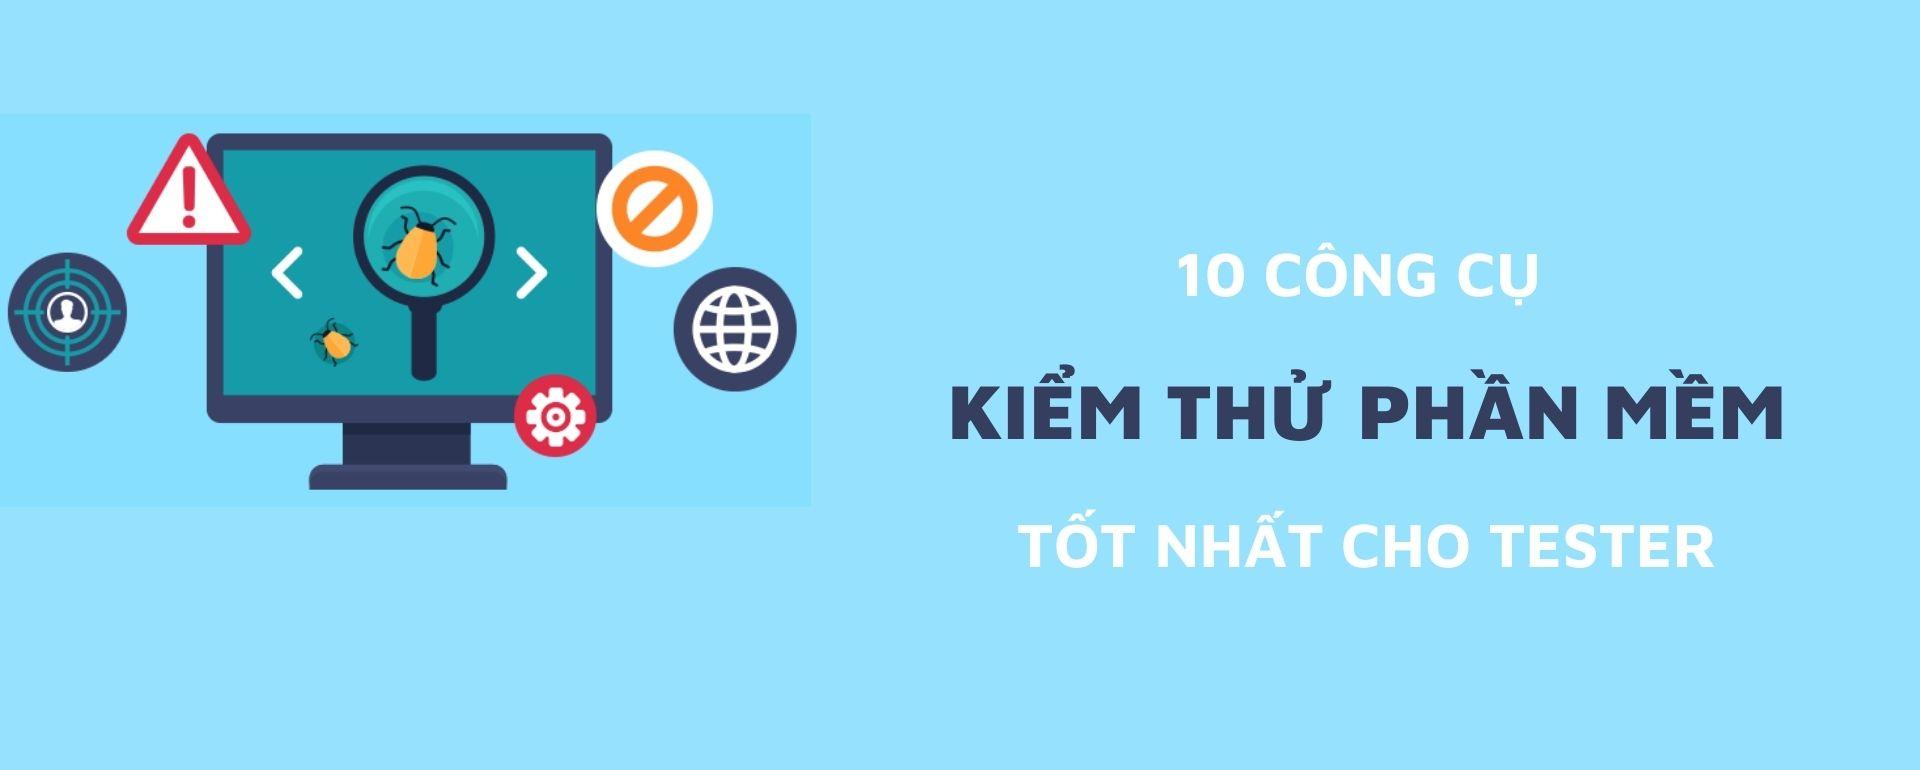 cong cu kiem thu phan mem feature